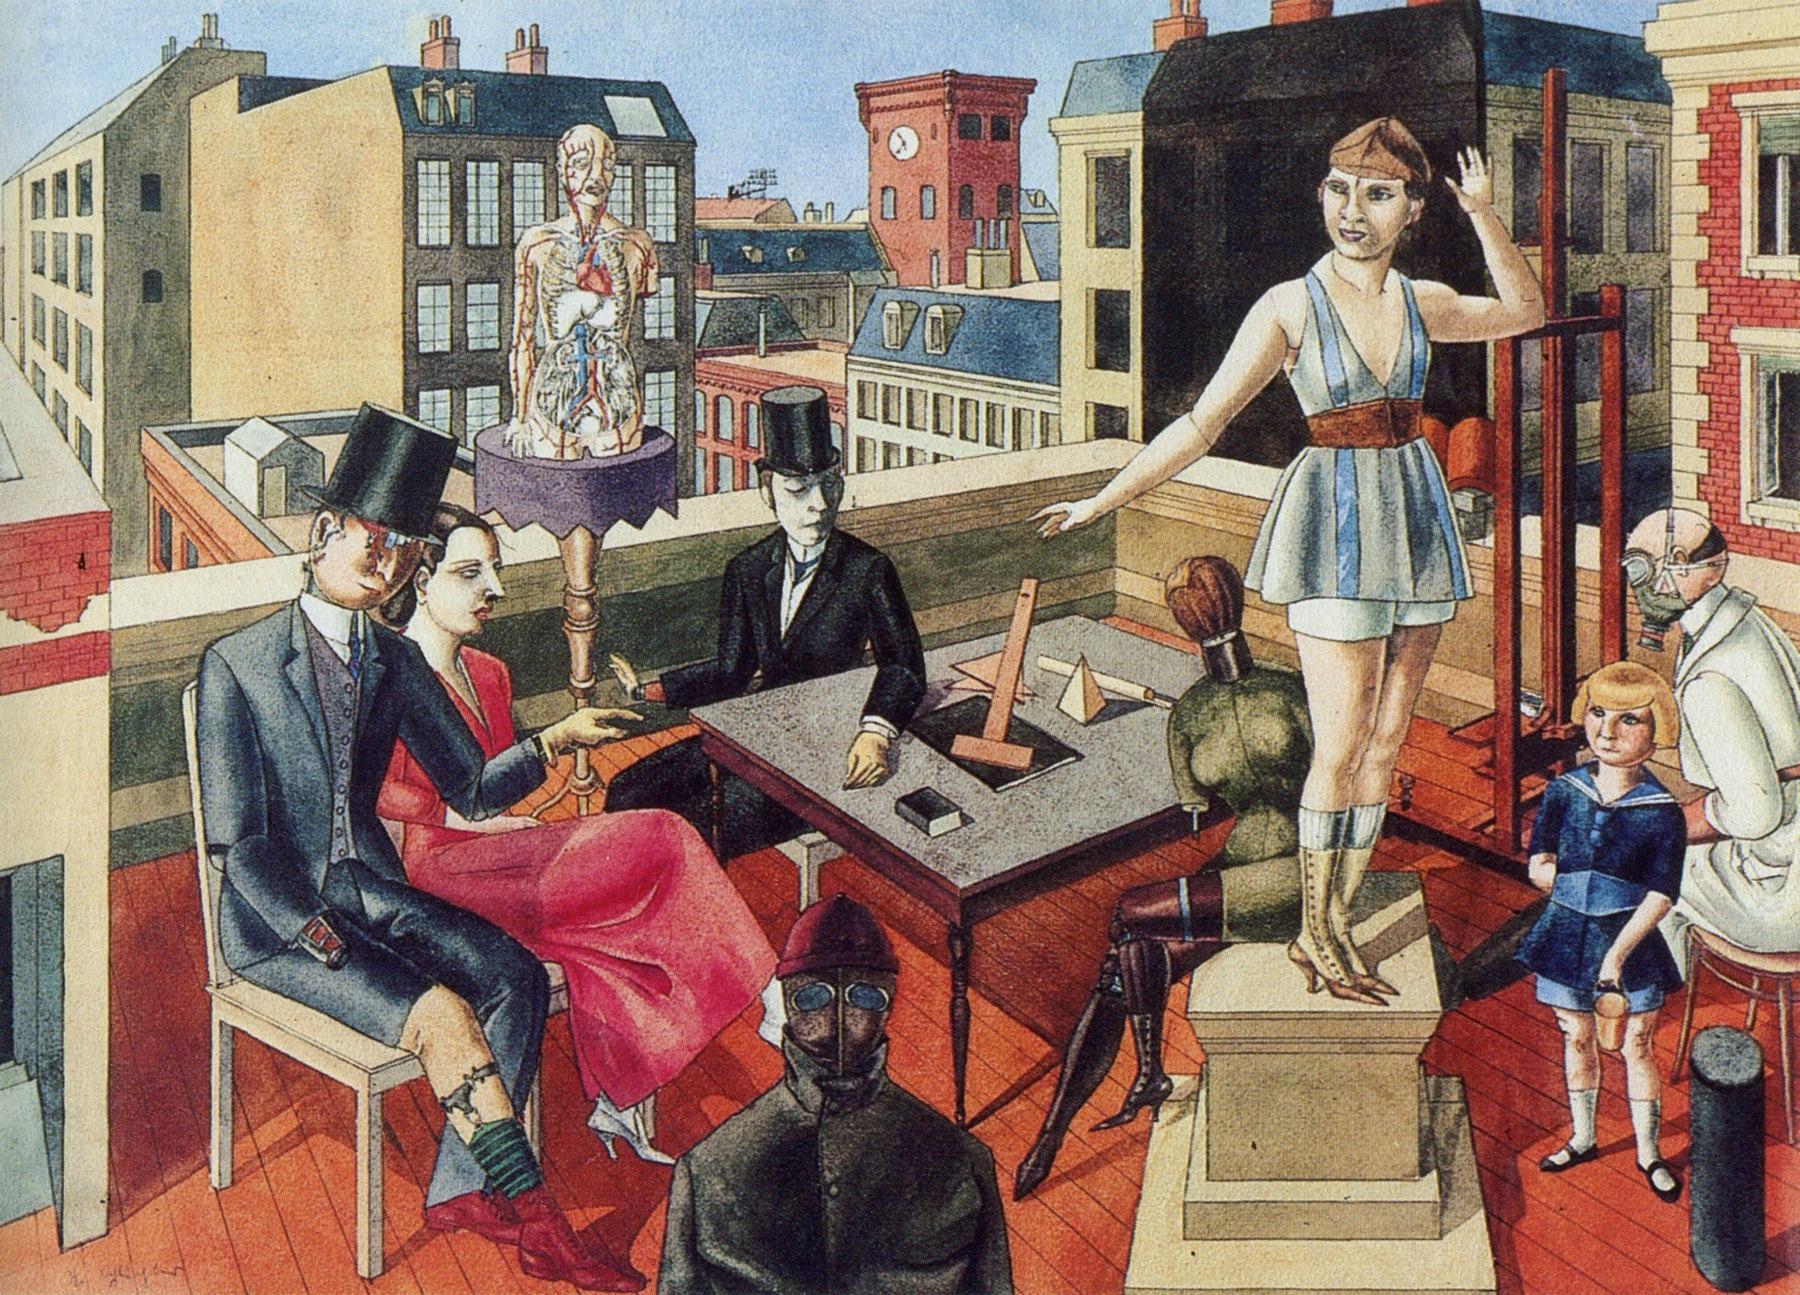 Rudolf Schlichter,  The Rooftop Studio,  c.1922, Gallery Nierendorf, Berlin.